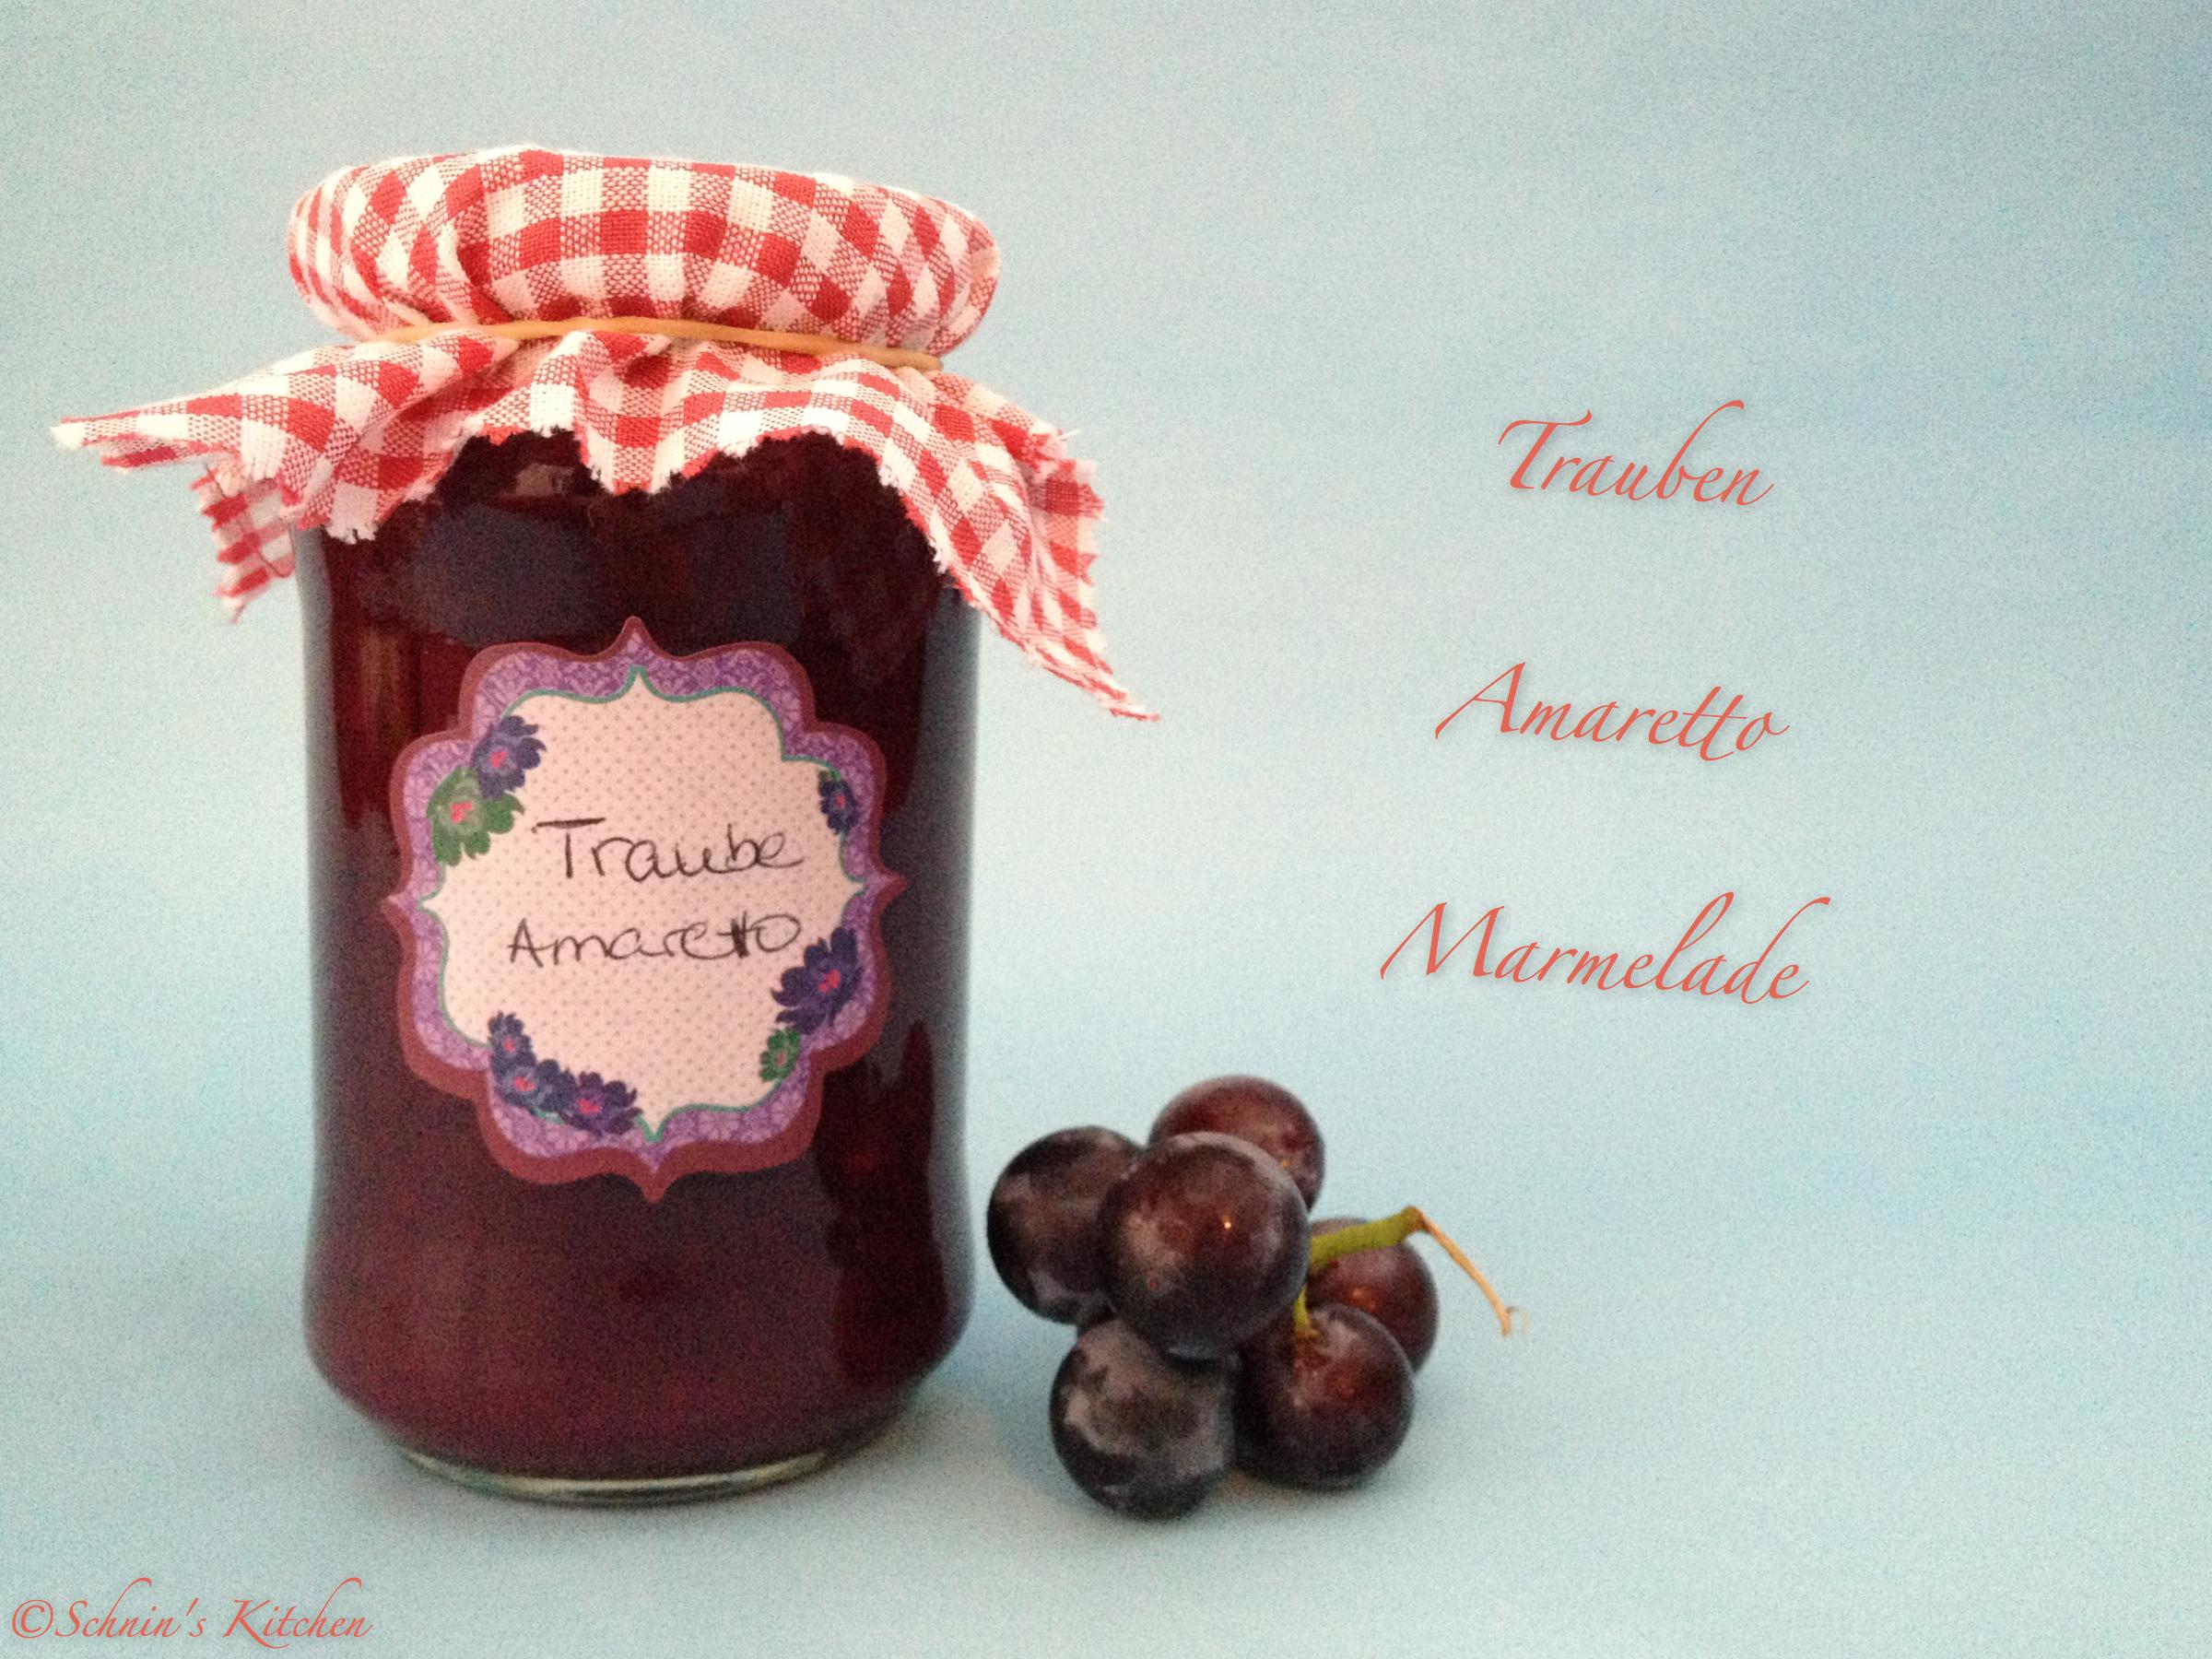 Schnin's Kitchen: Trauben-Amaretto-Marmelade